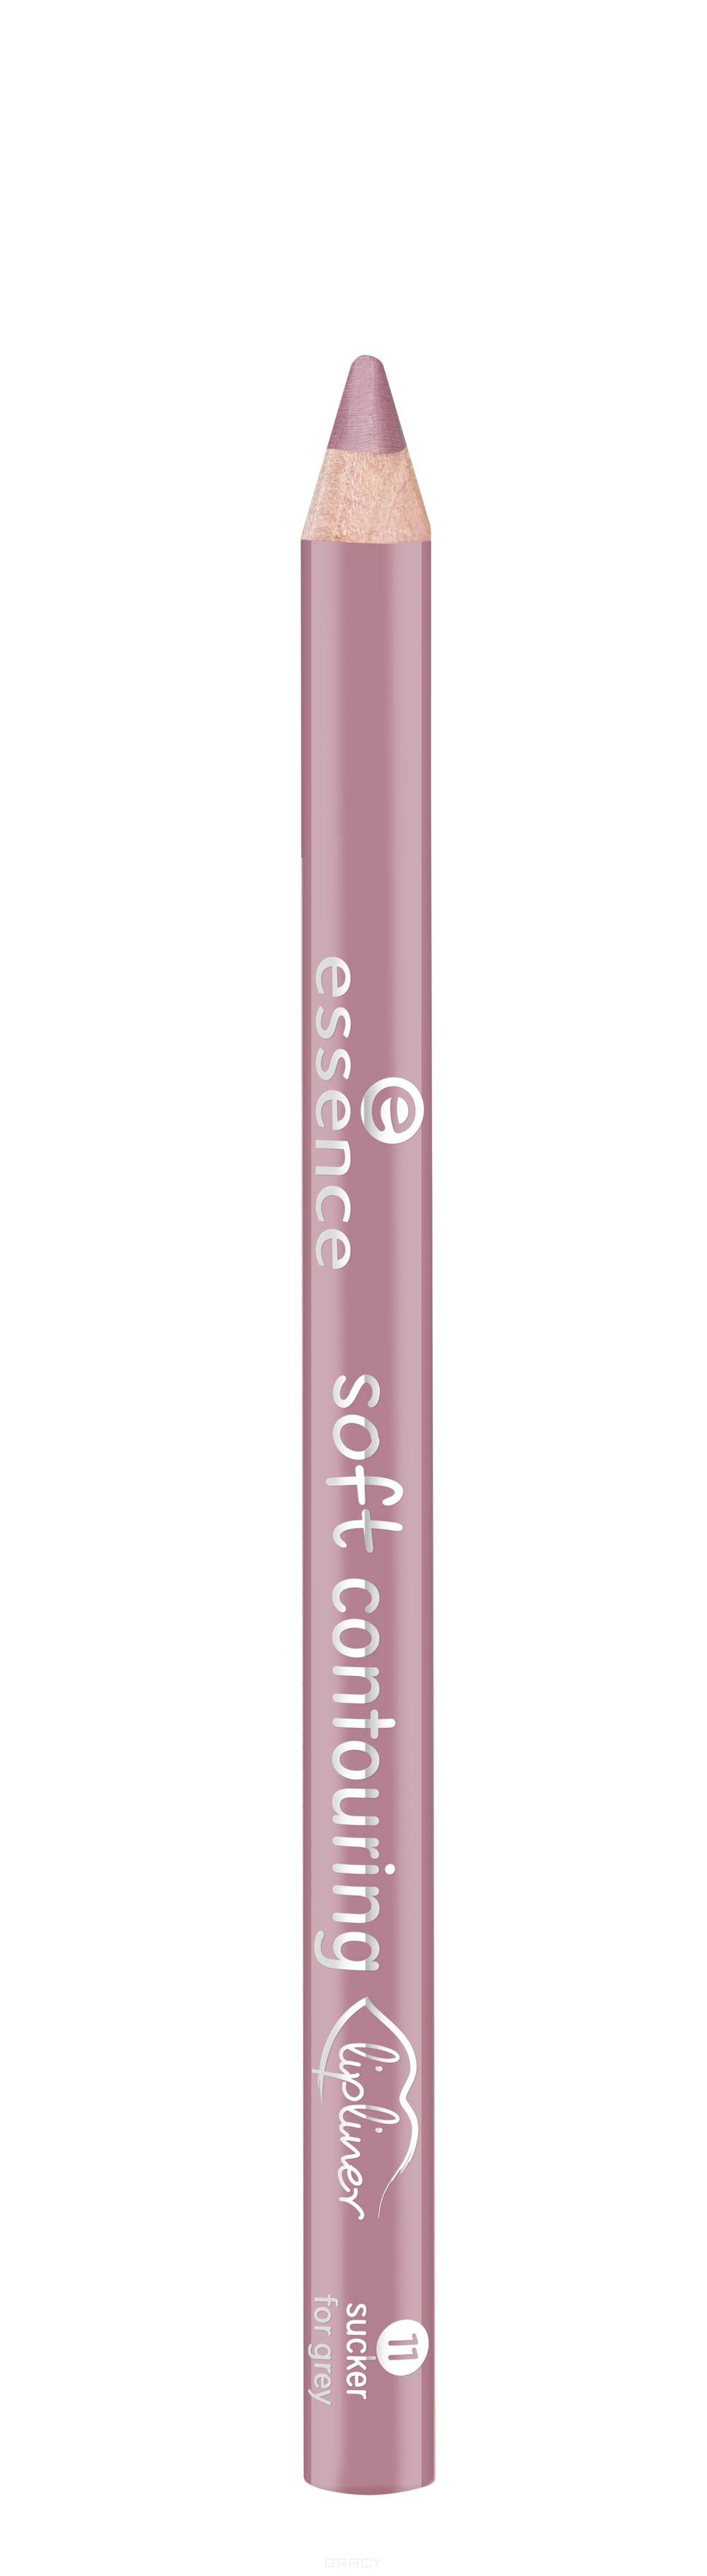 Essence, Контур для губ Soft Contouring Lipliner (11 тонов) №11, розовато-лиловый  - Купить